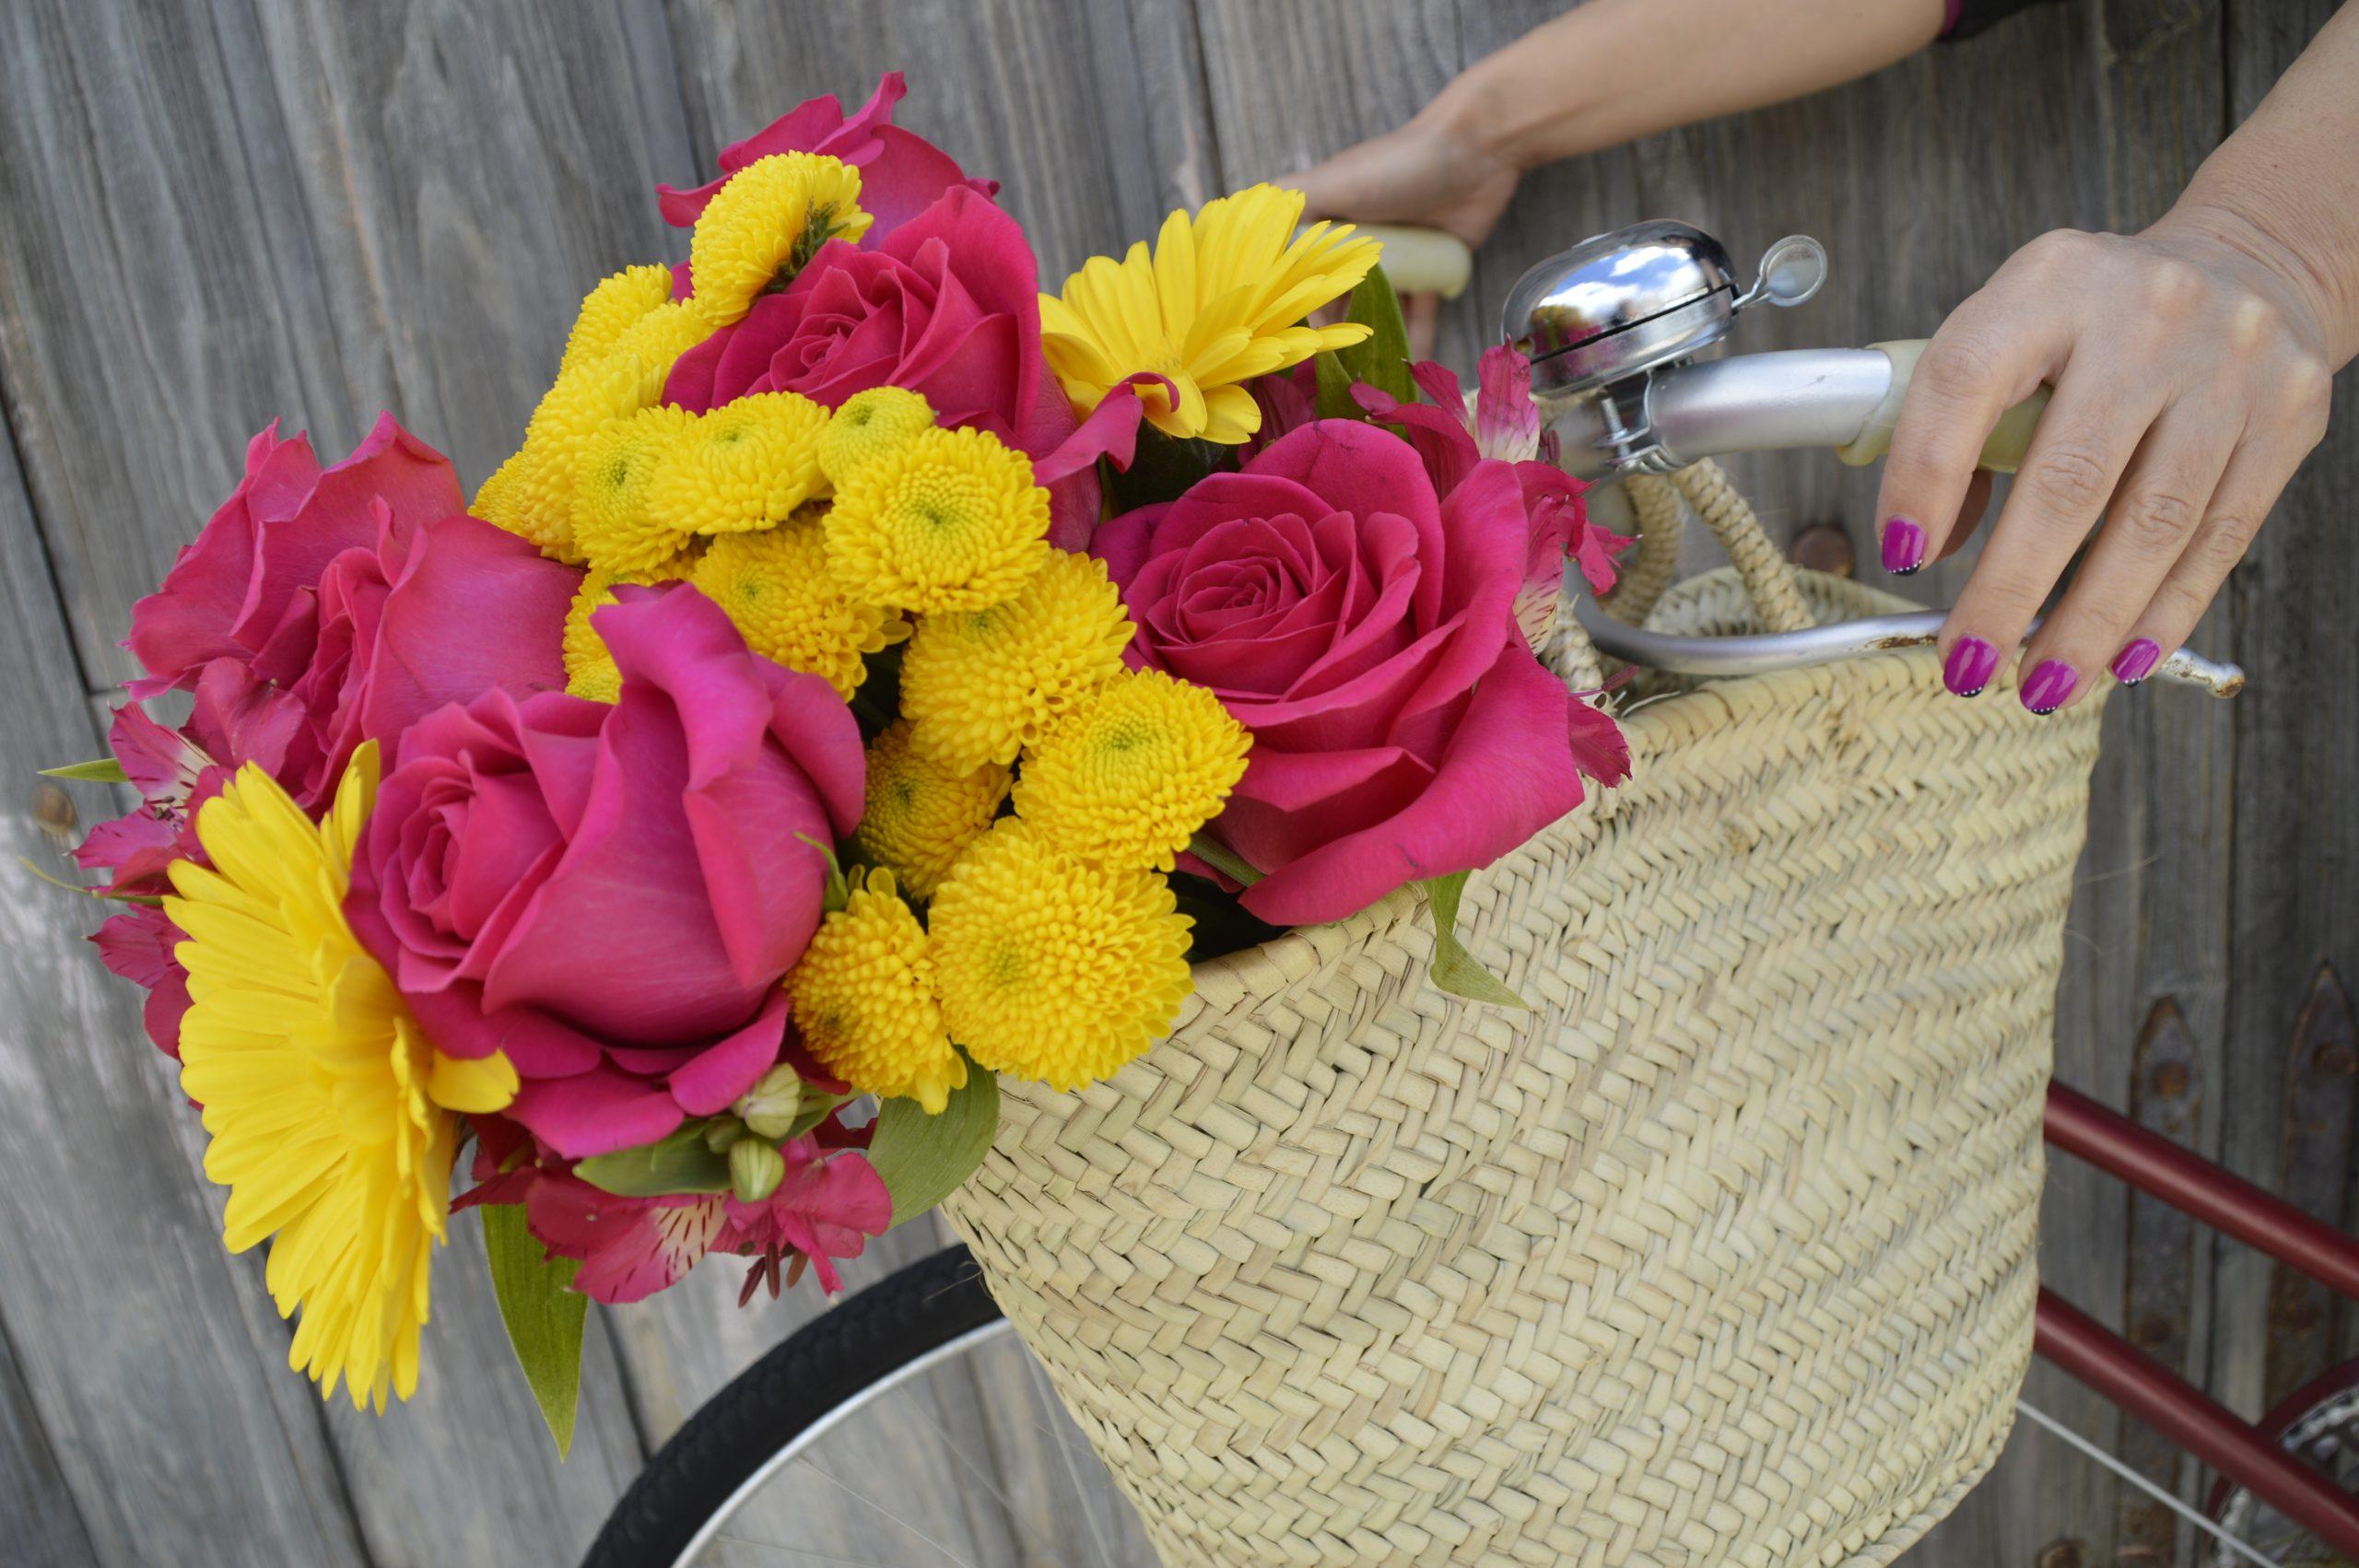 Cuanto cuesta un ramo de flores para enviar a domicilio